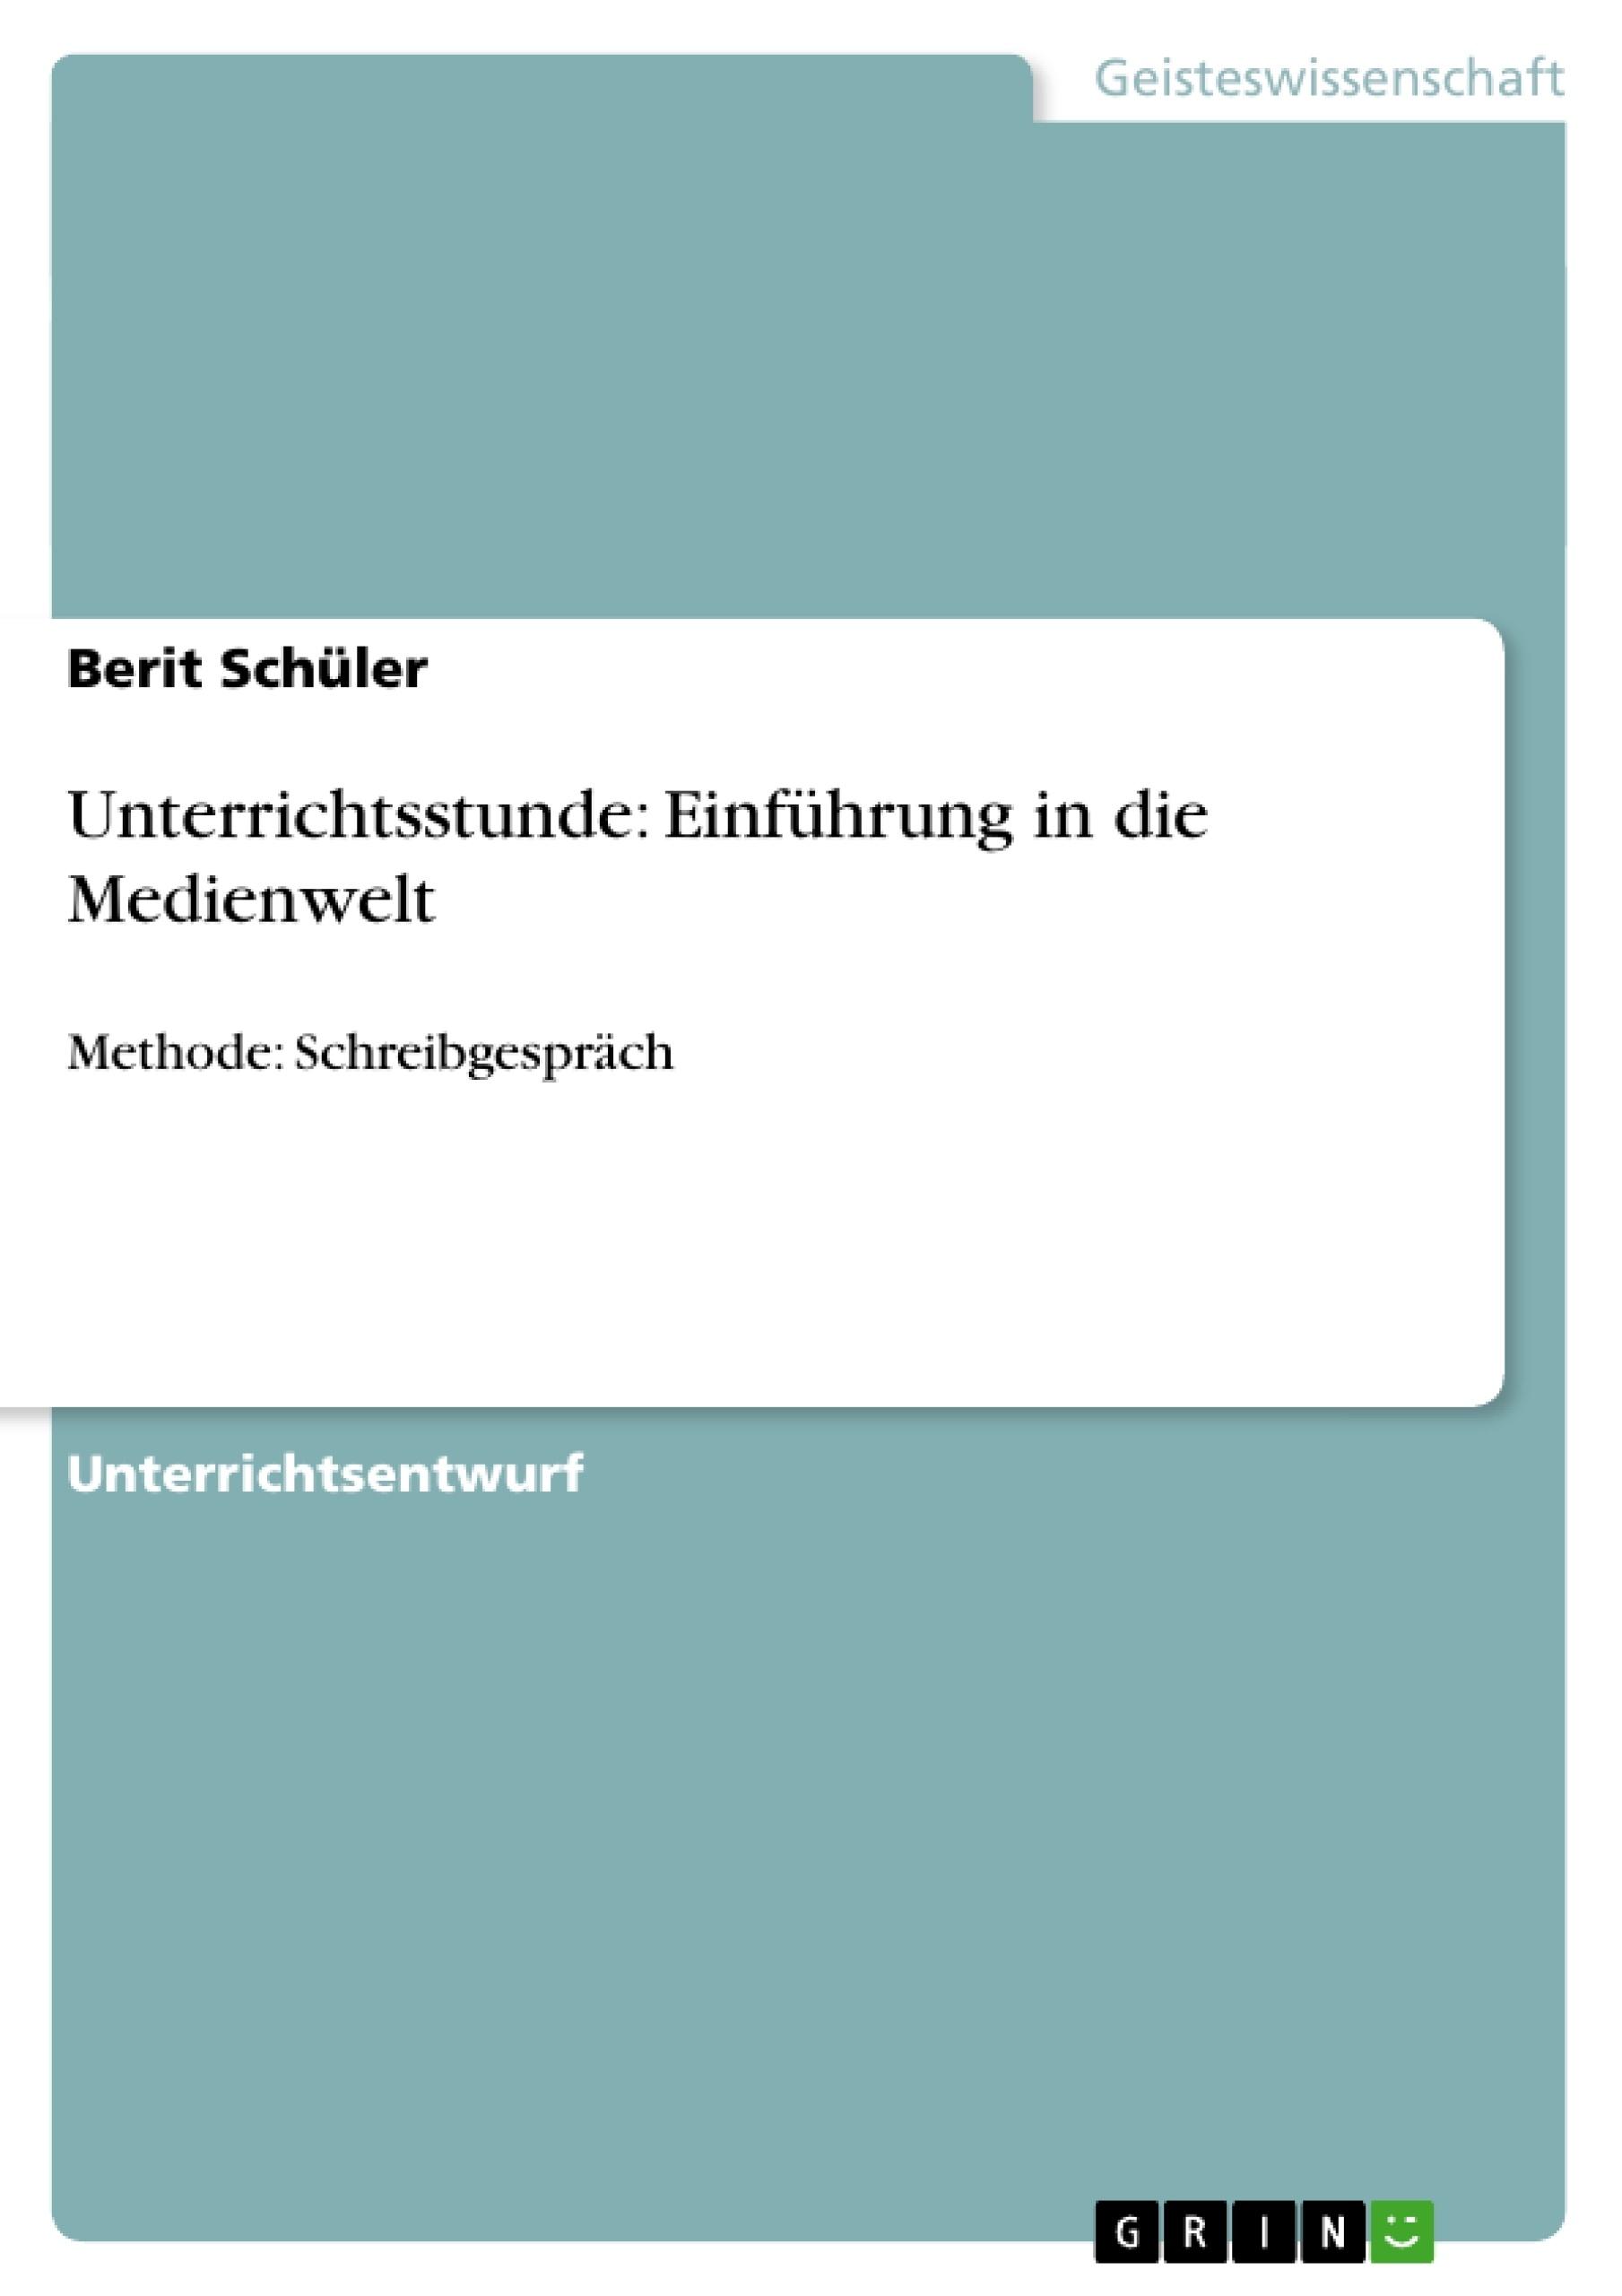 Titel: Unterrichtsstunde: Einführung in die Medienwelt